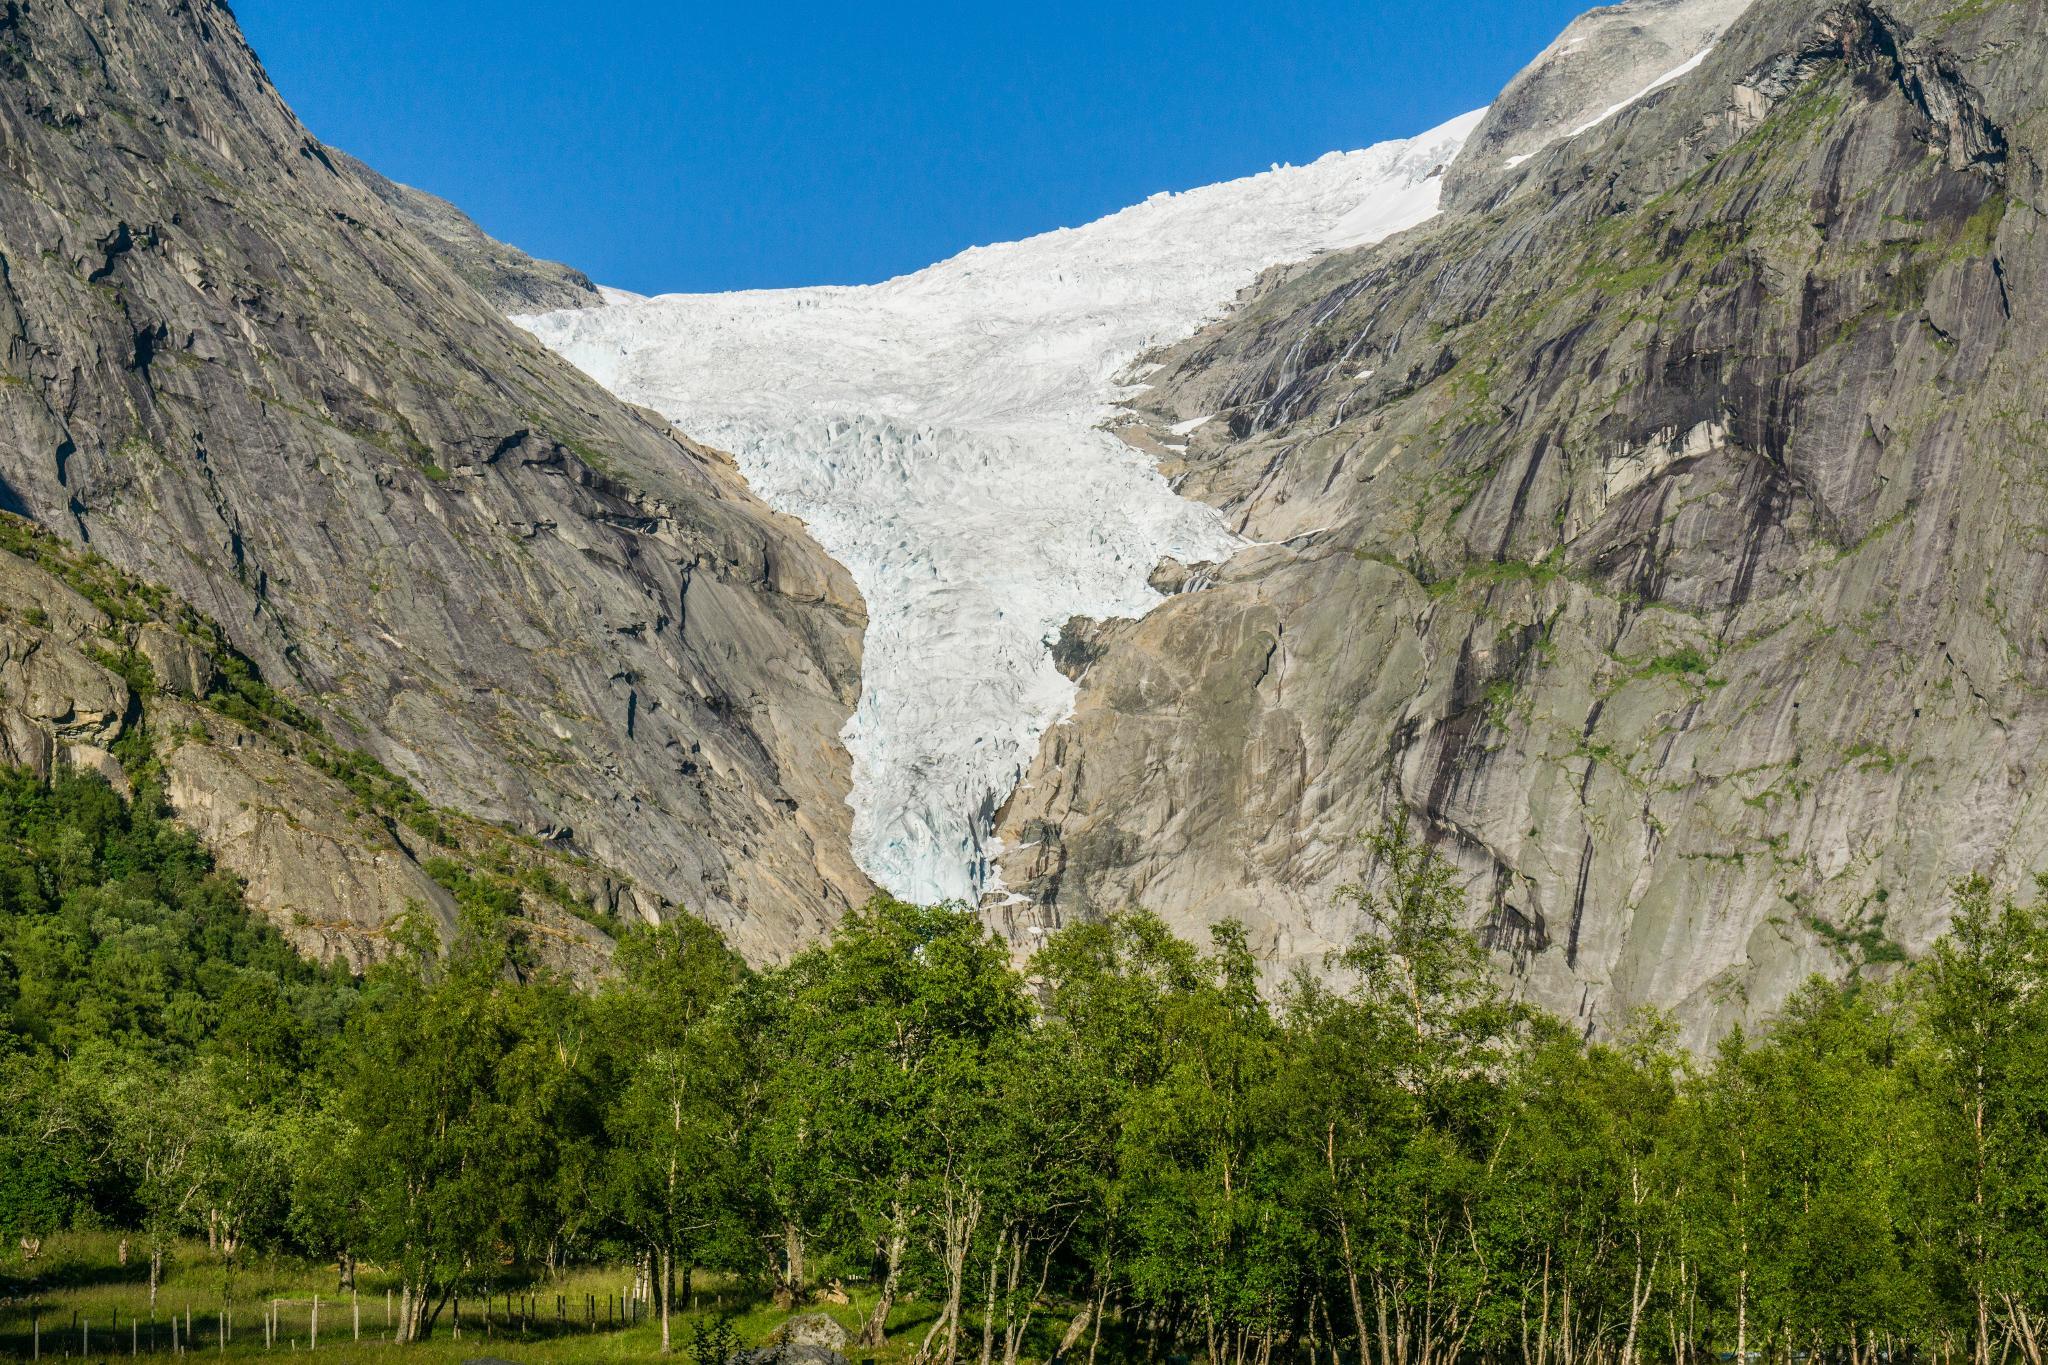 【北歐景點】朝聖歐洲大陸最大的冰河 - 挪威約詩達特冰河國家公園 (Jostedalsbreen National Park) 17